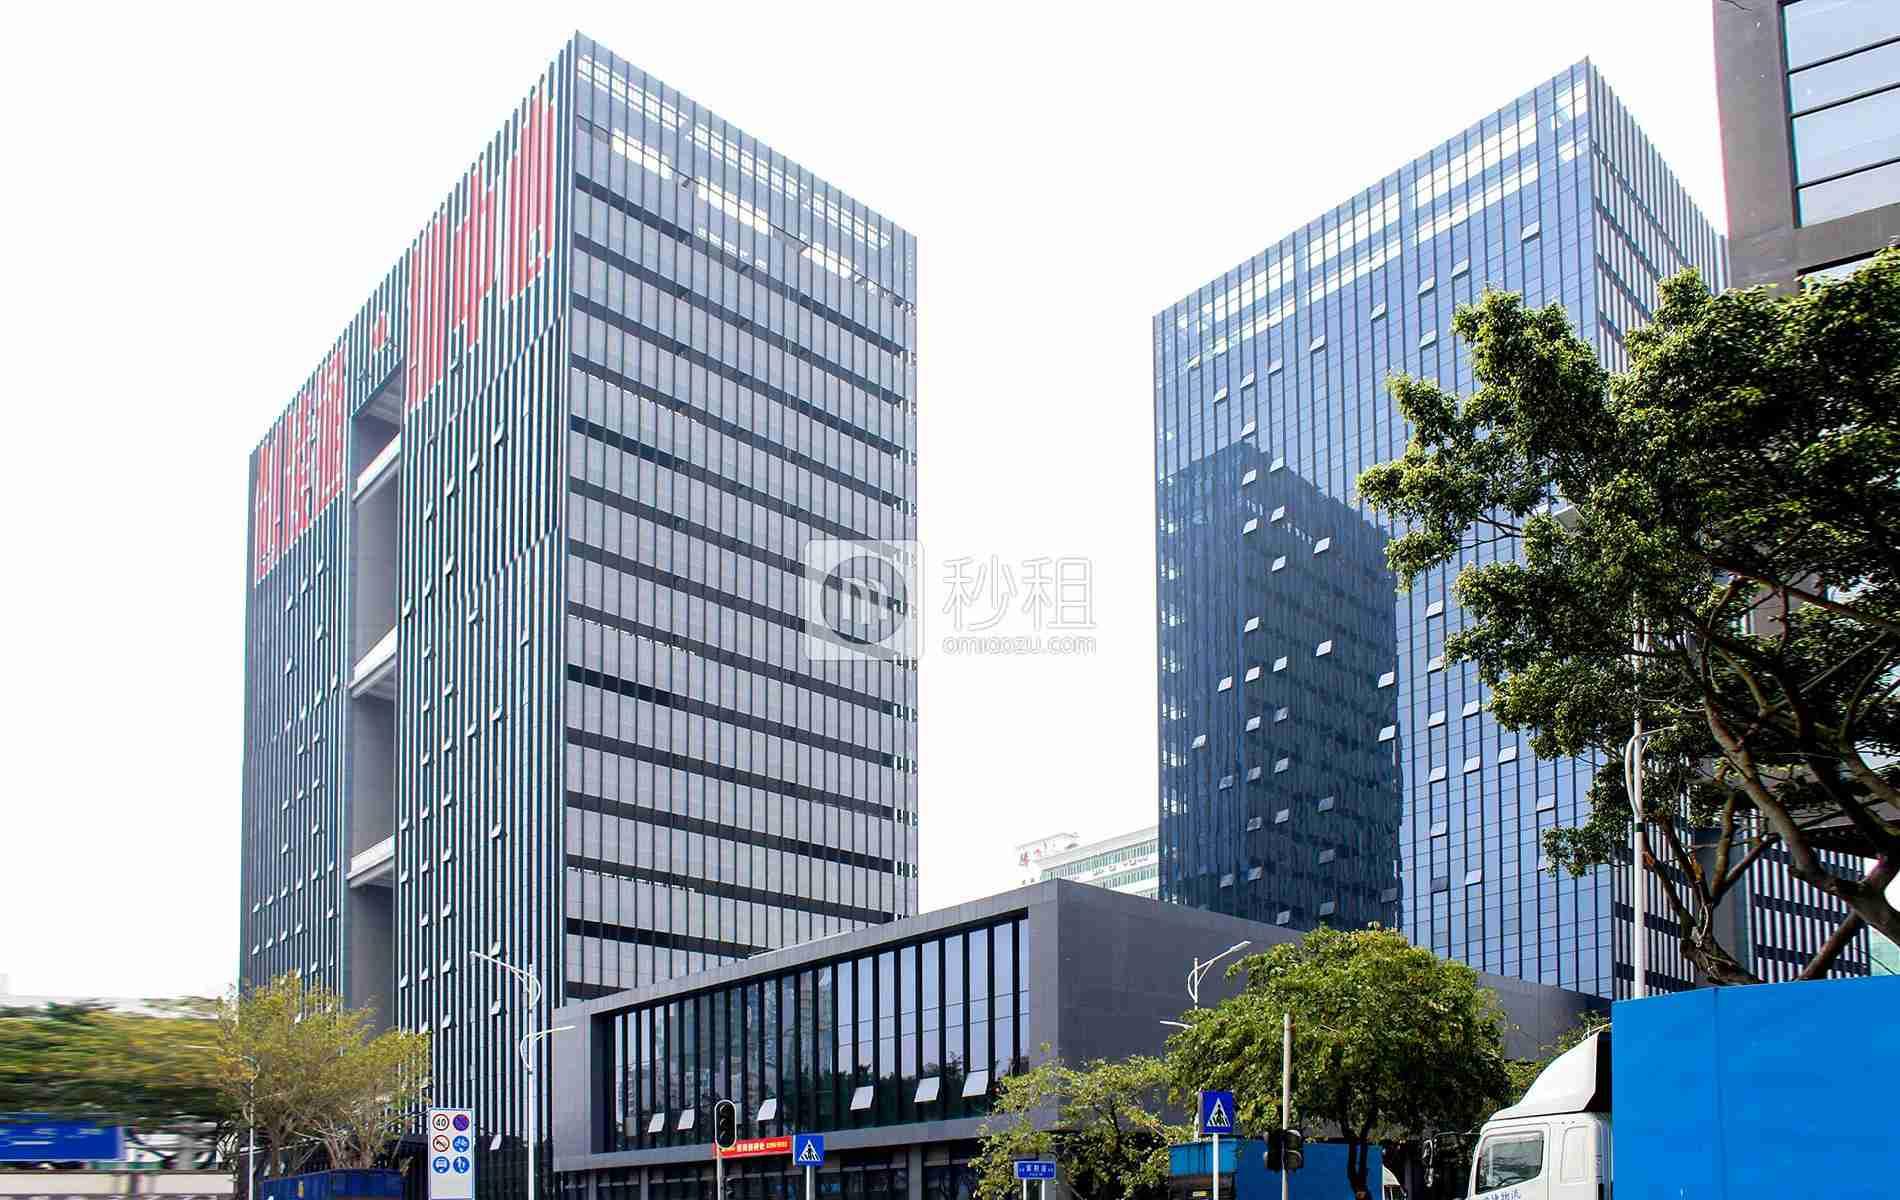 金融科技创新中心(创凌通科技大厦)